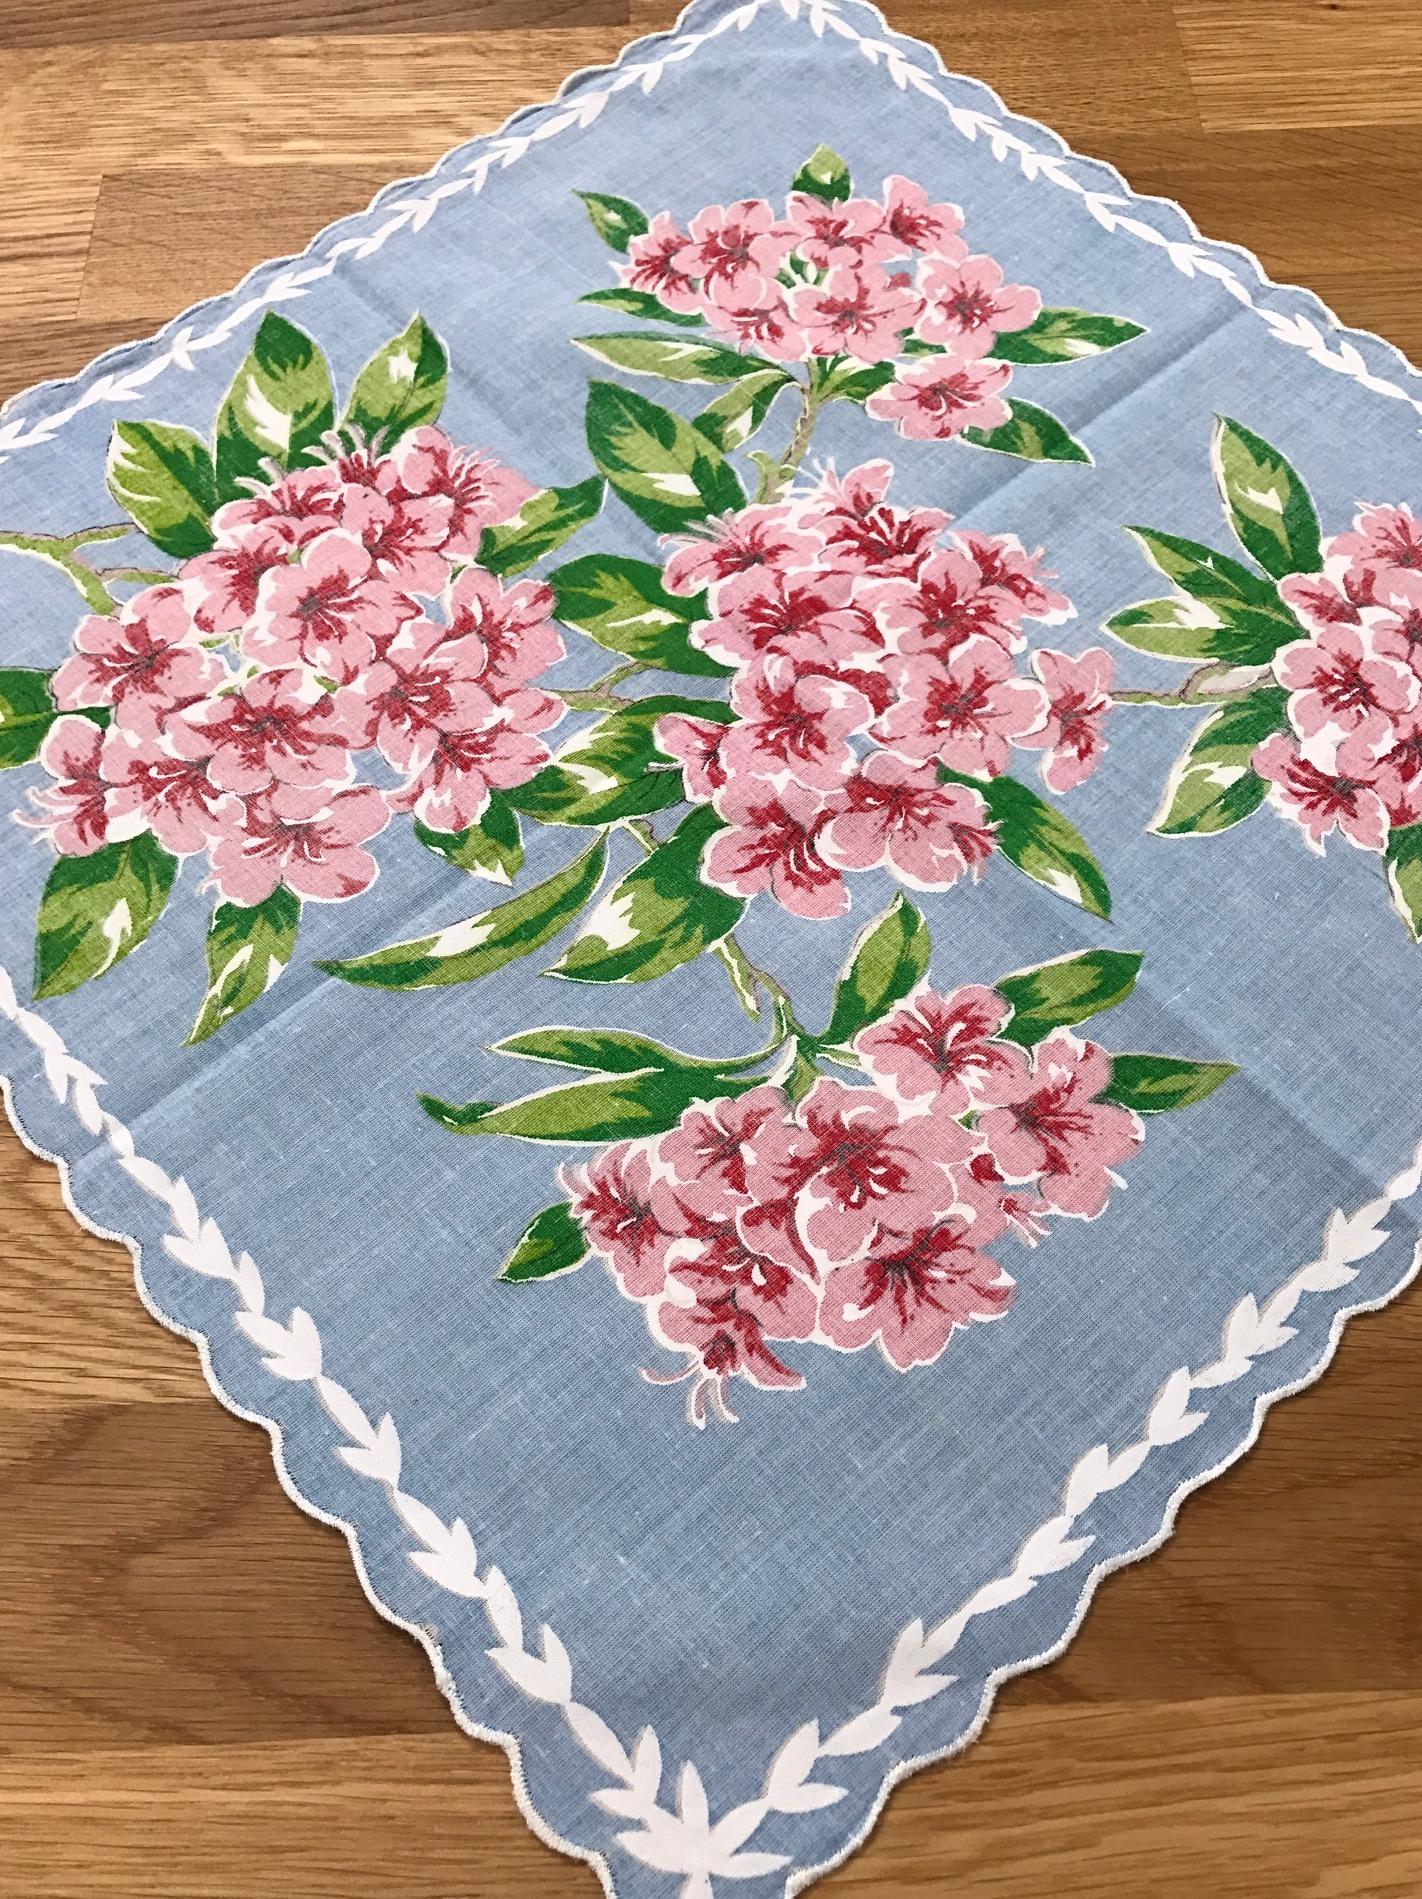 Handkerchief Recipe Envelope DIY Tutorial | Bumblebee Linens